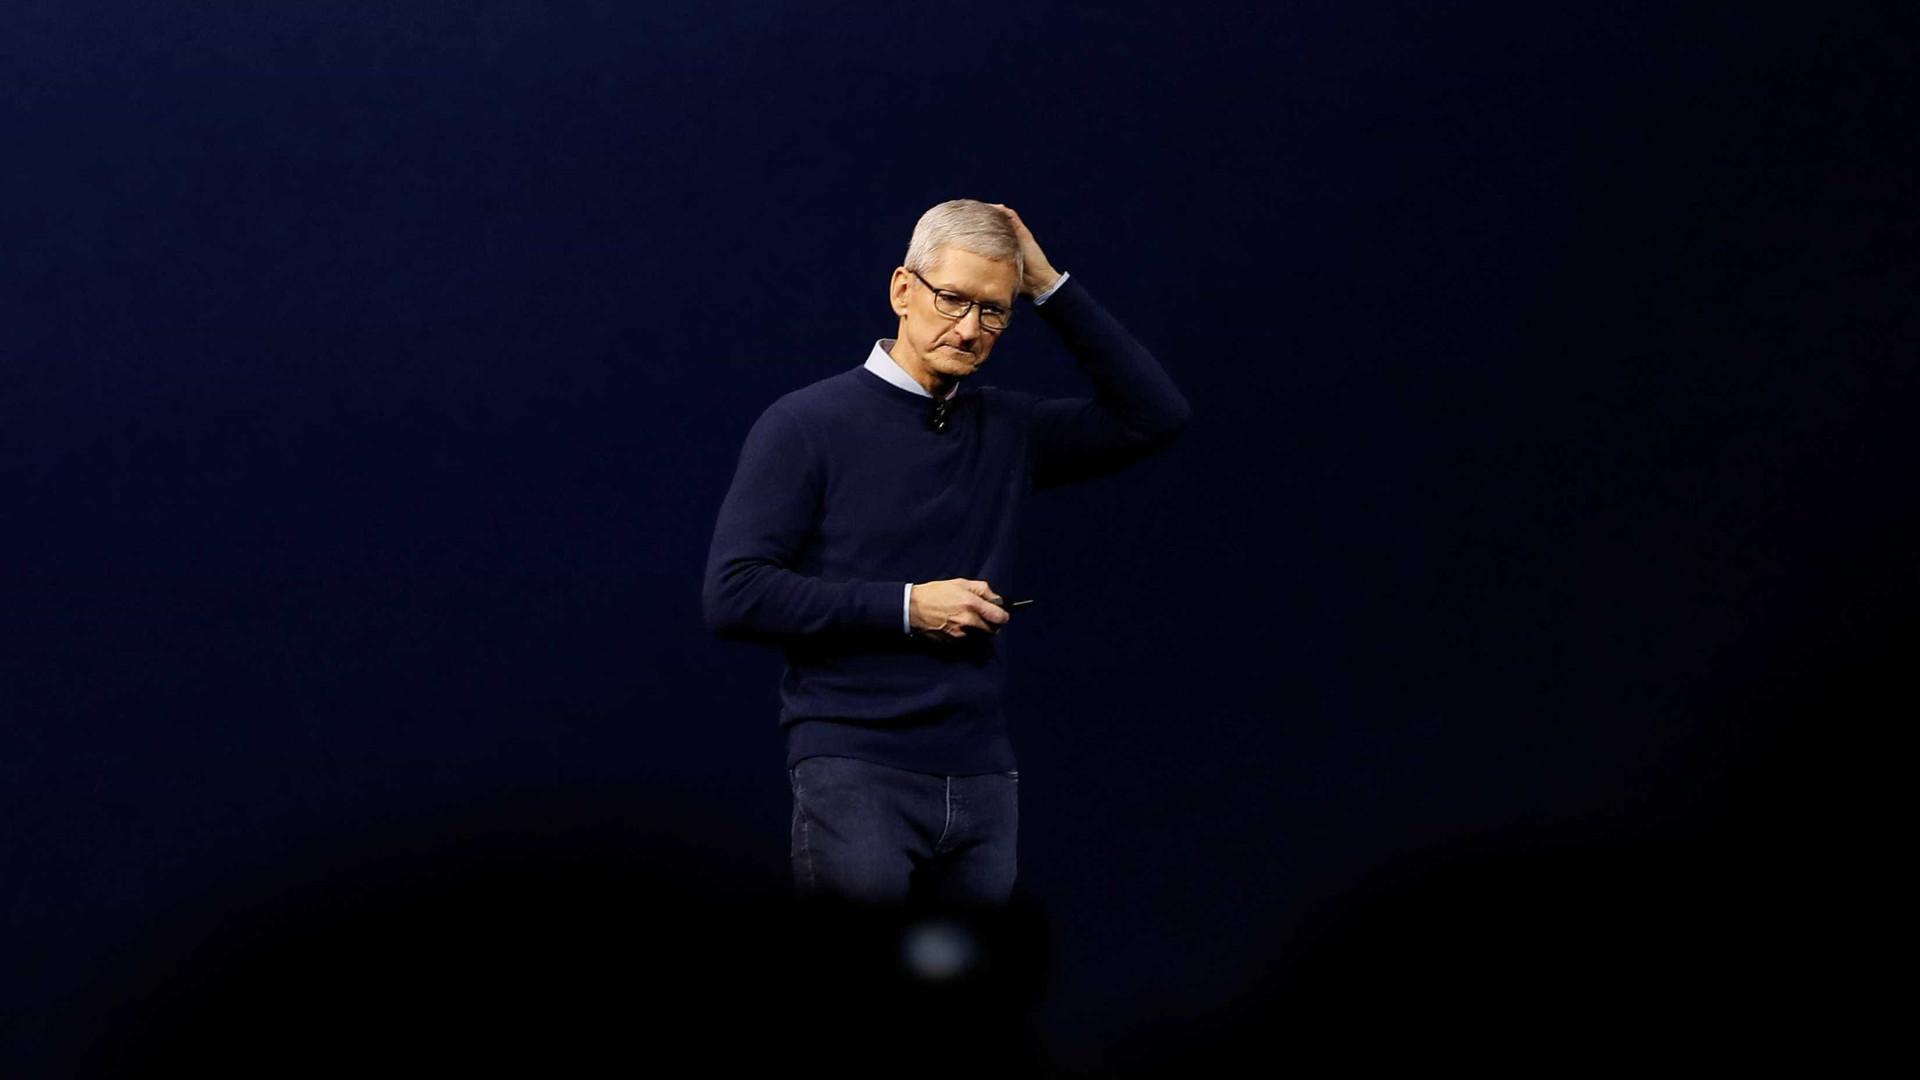 A Time elegeu o melhor gadget de 2017... e não é o iPhone X